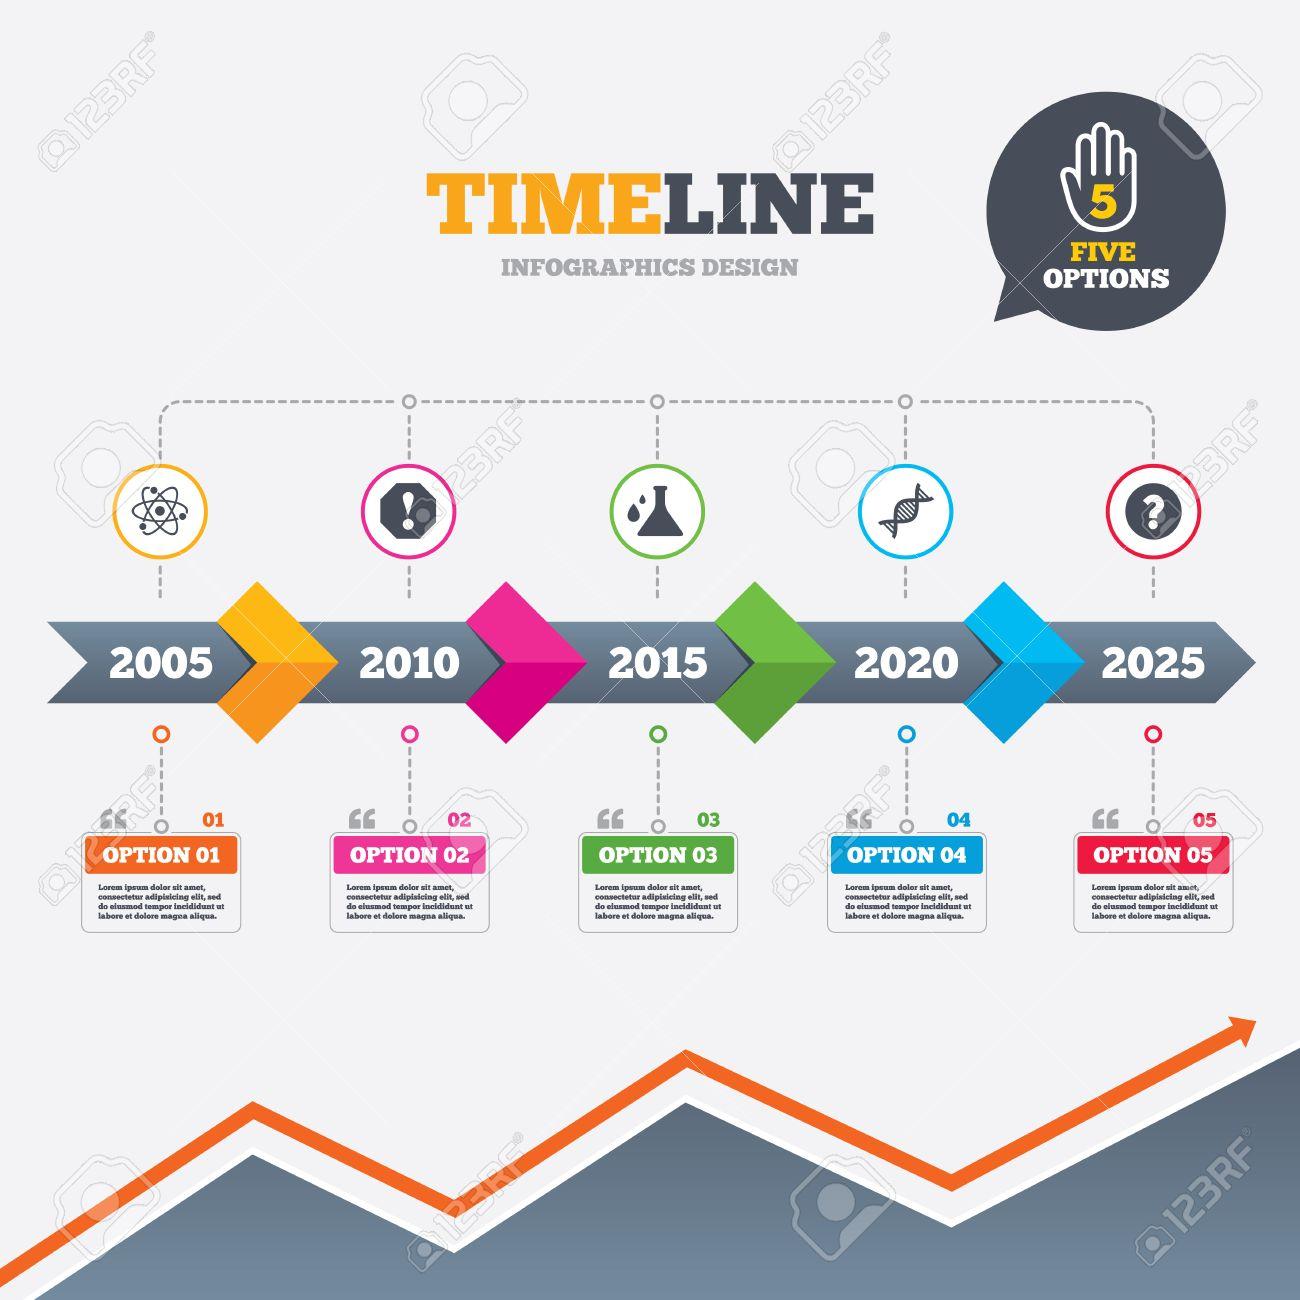 Timeline Infografik Mit Pfeilen. Achtung Und DNA-Symbole. Chemie ...